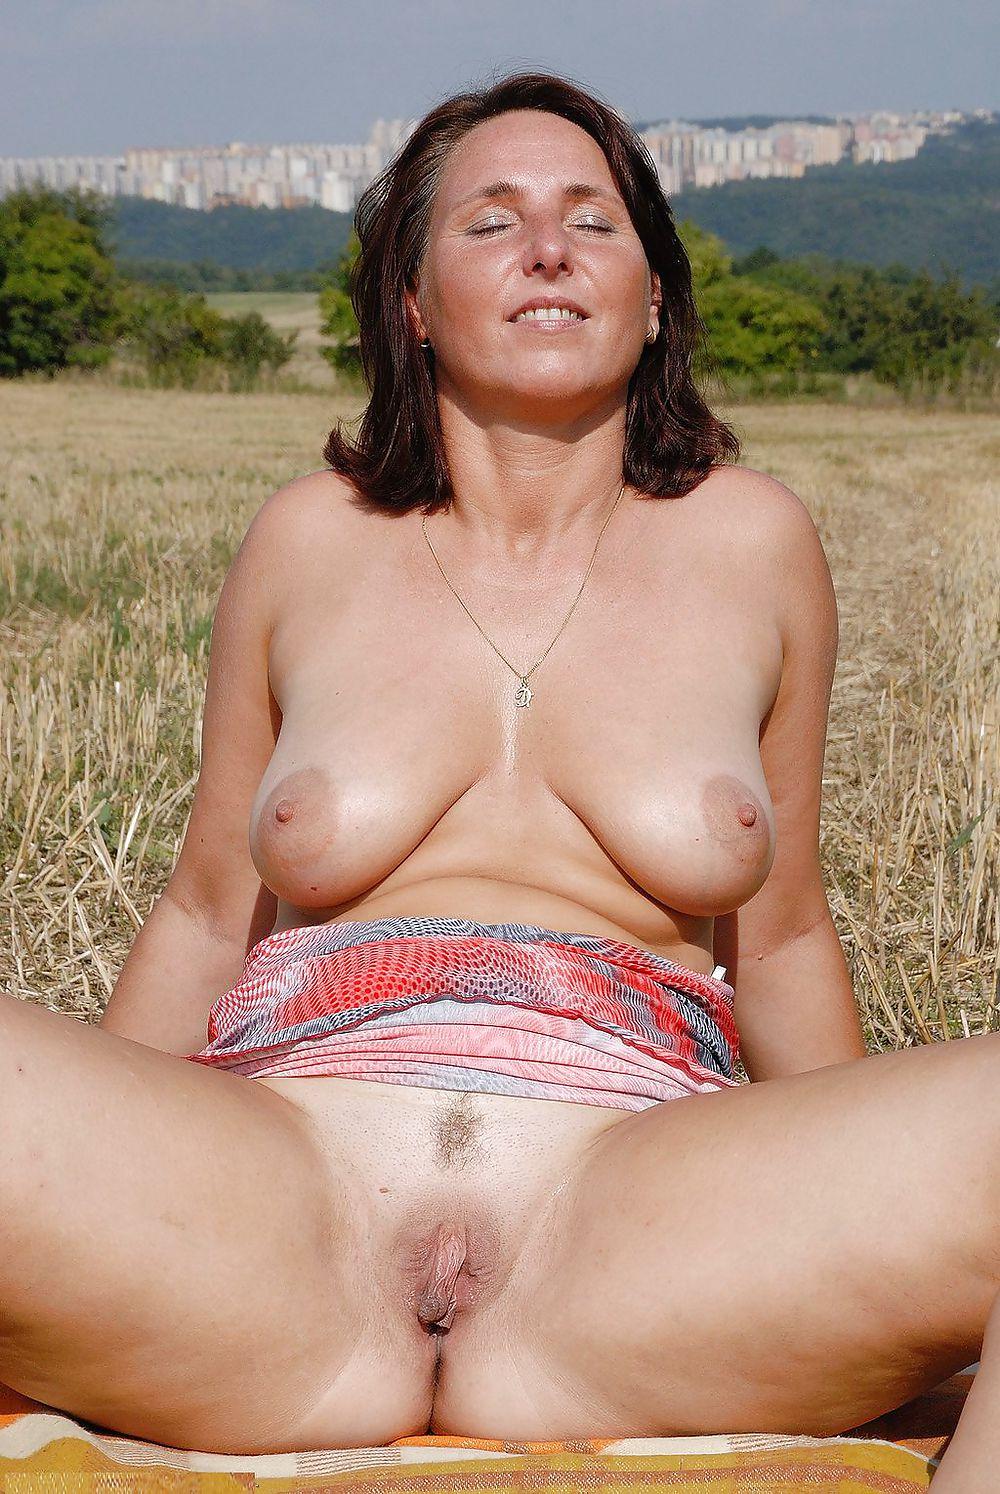 Natural mature women, mature nude photos